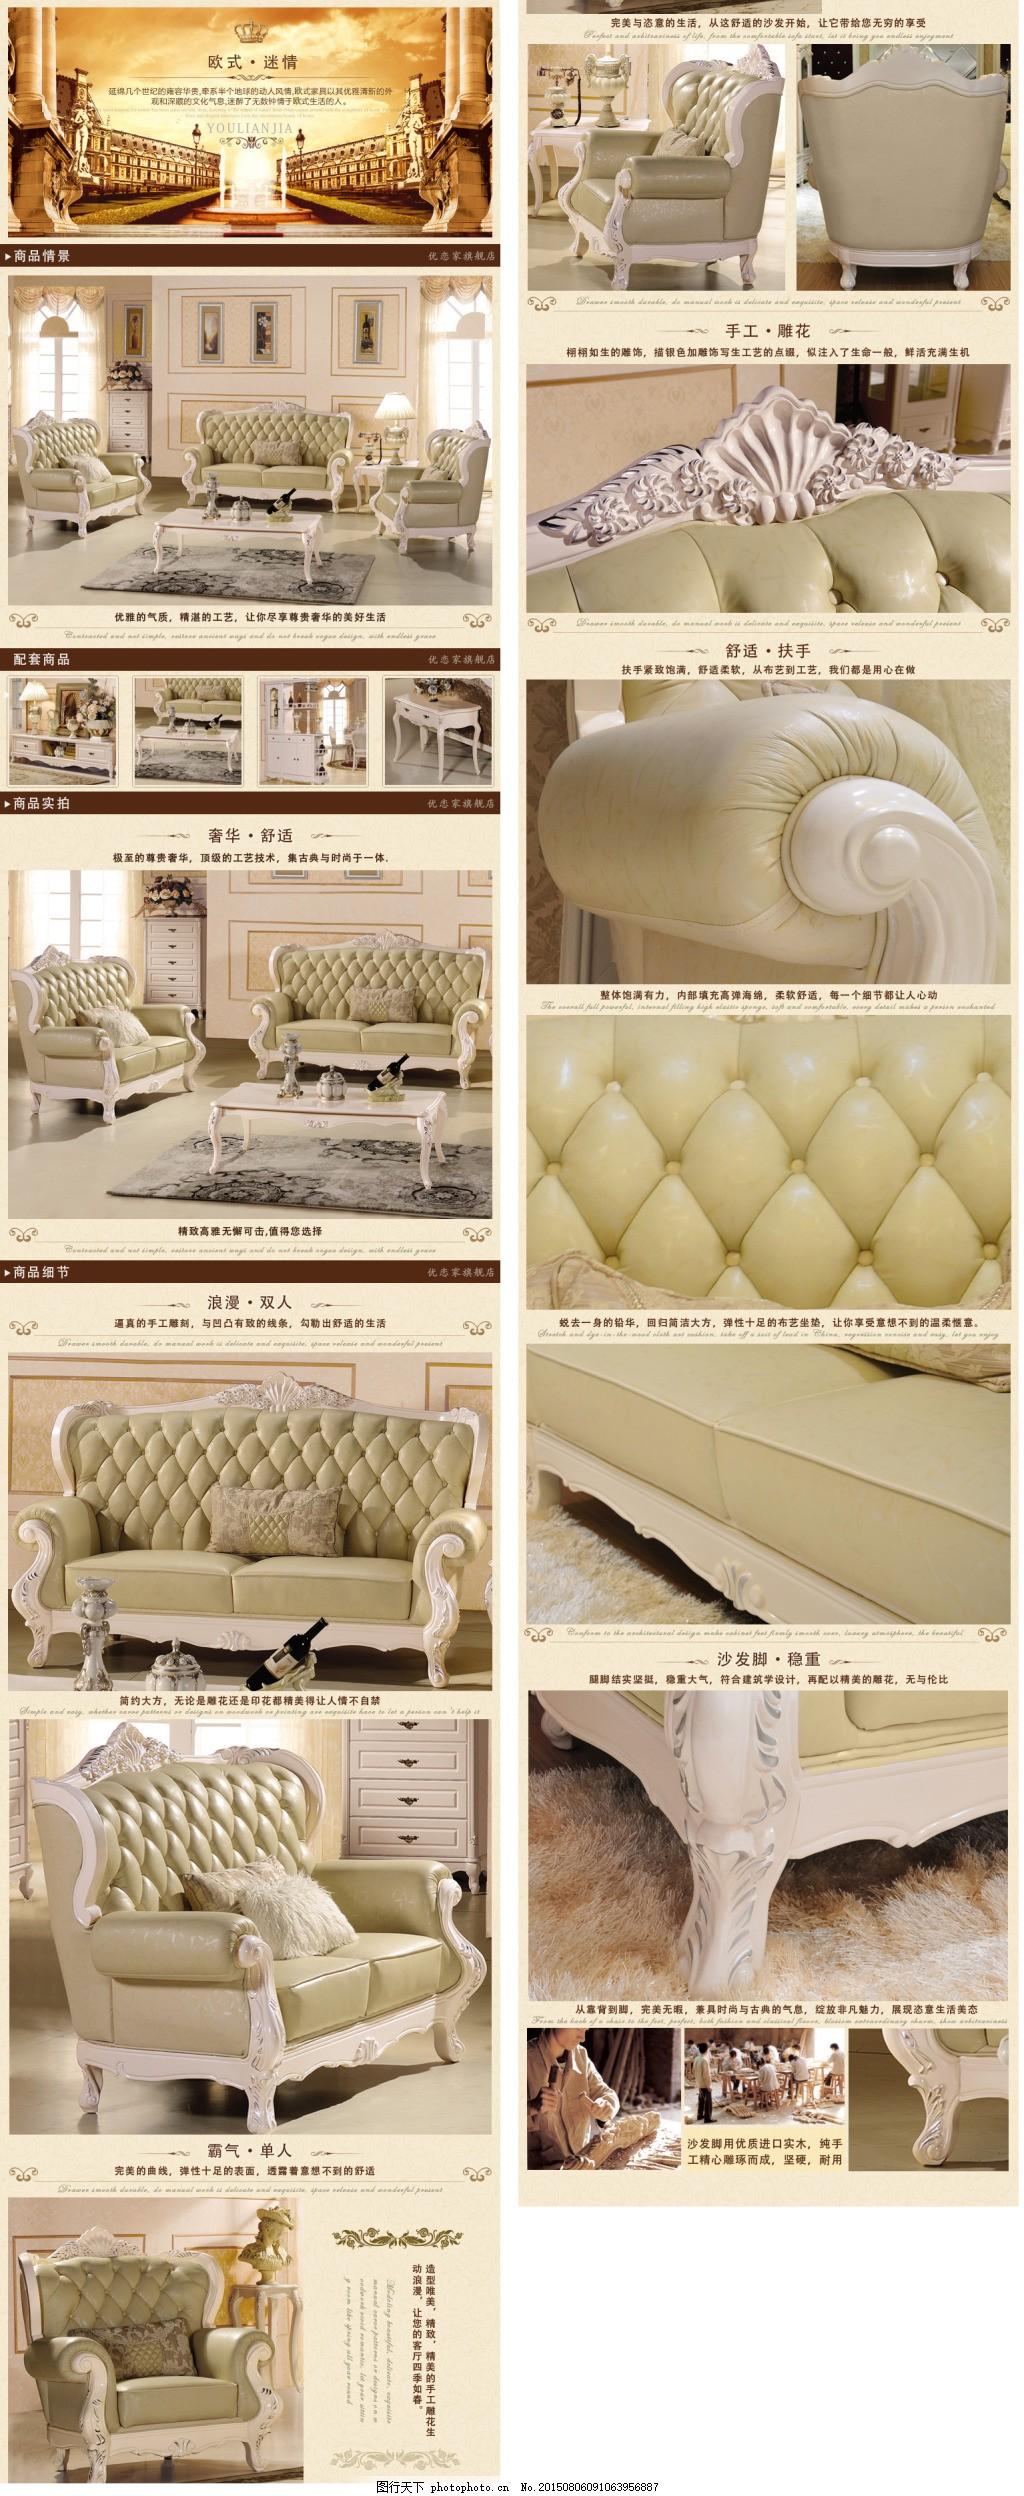 淘宝 天猫 psd素材 欧式沙发 沙发详情 沙发描述 家居描述 家具详情